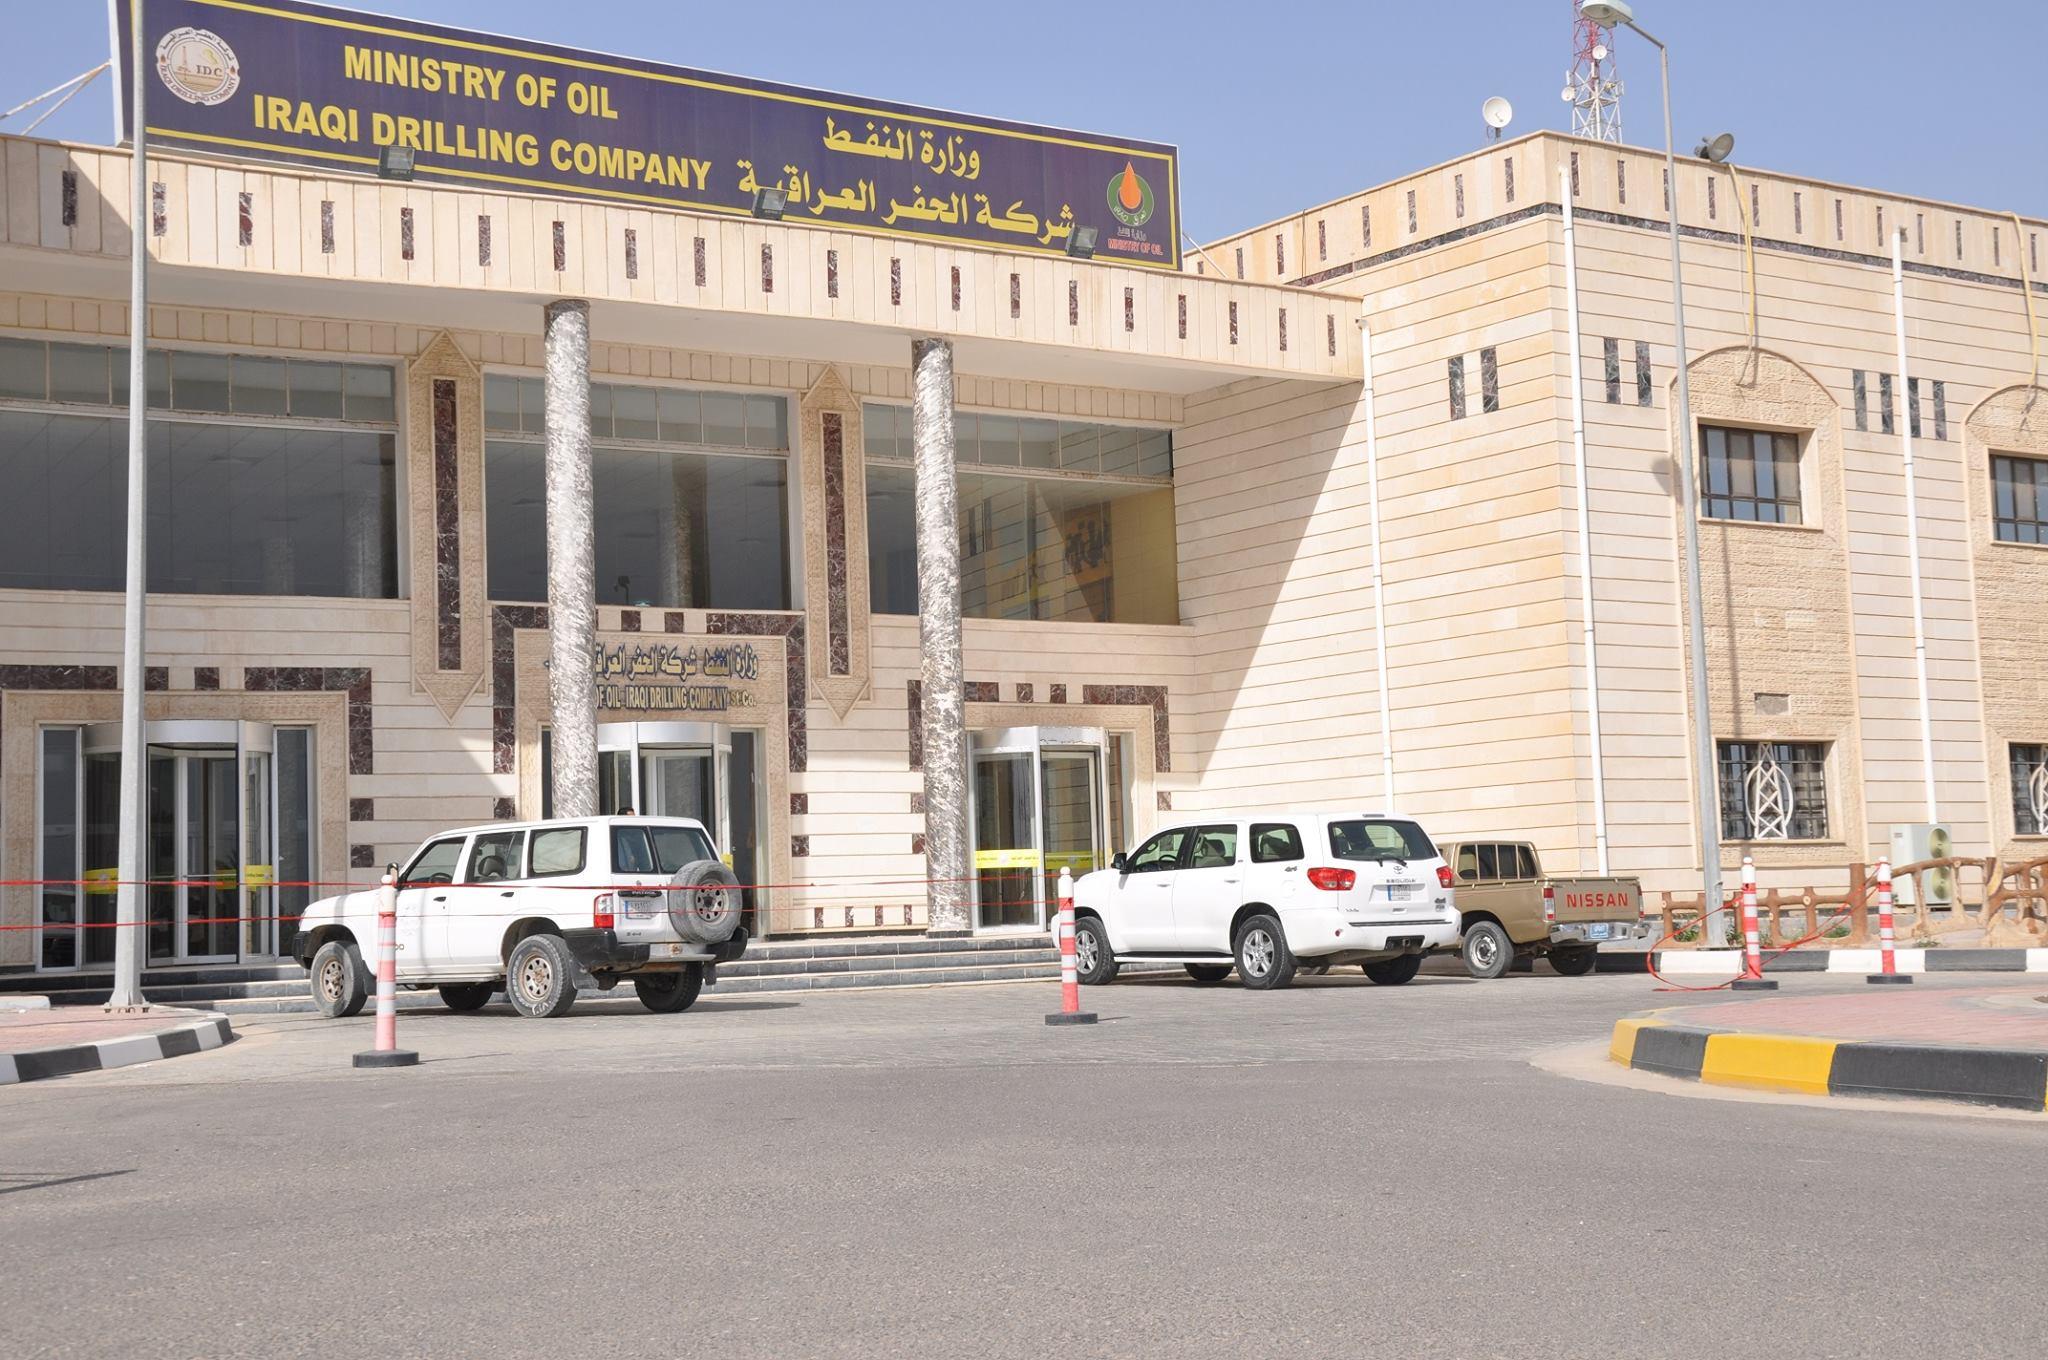 نائب يحذر وزارة النفط من تدمير شركة الحفر العراقية